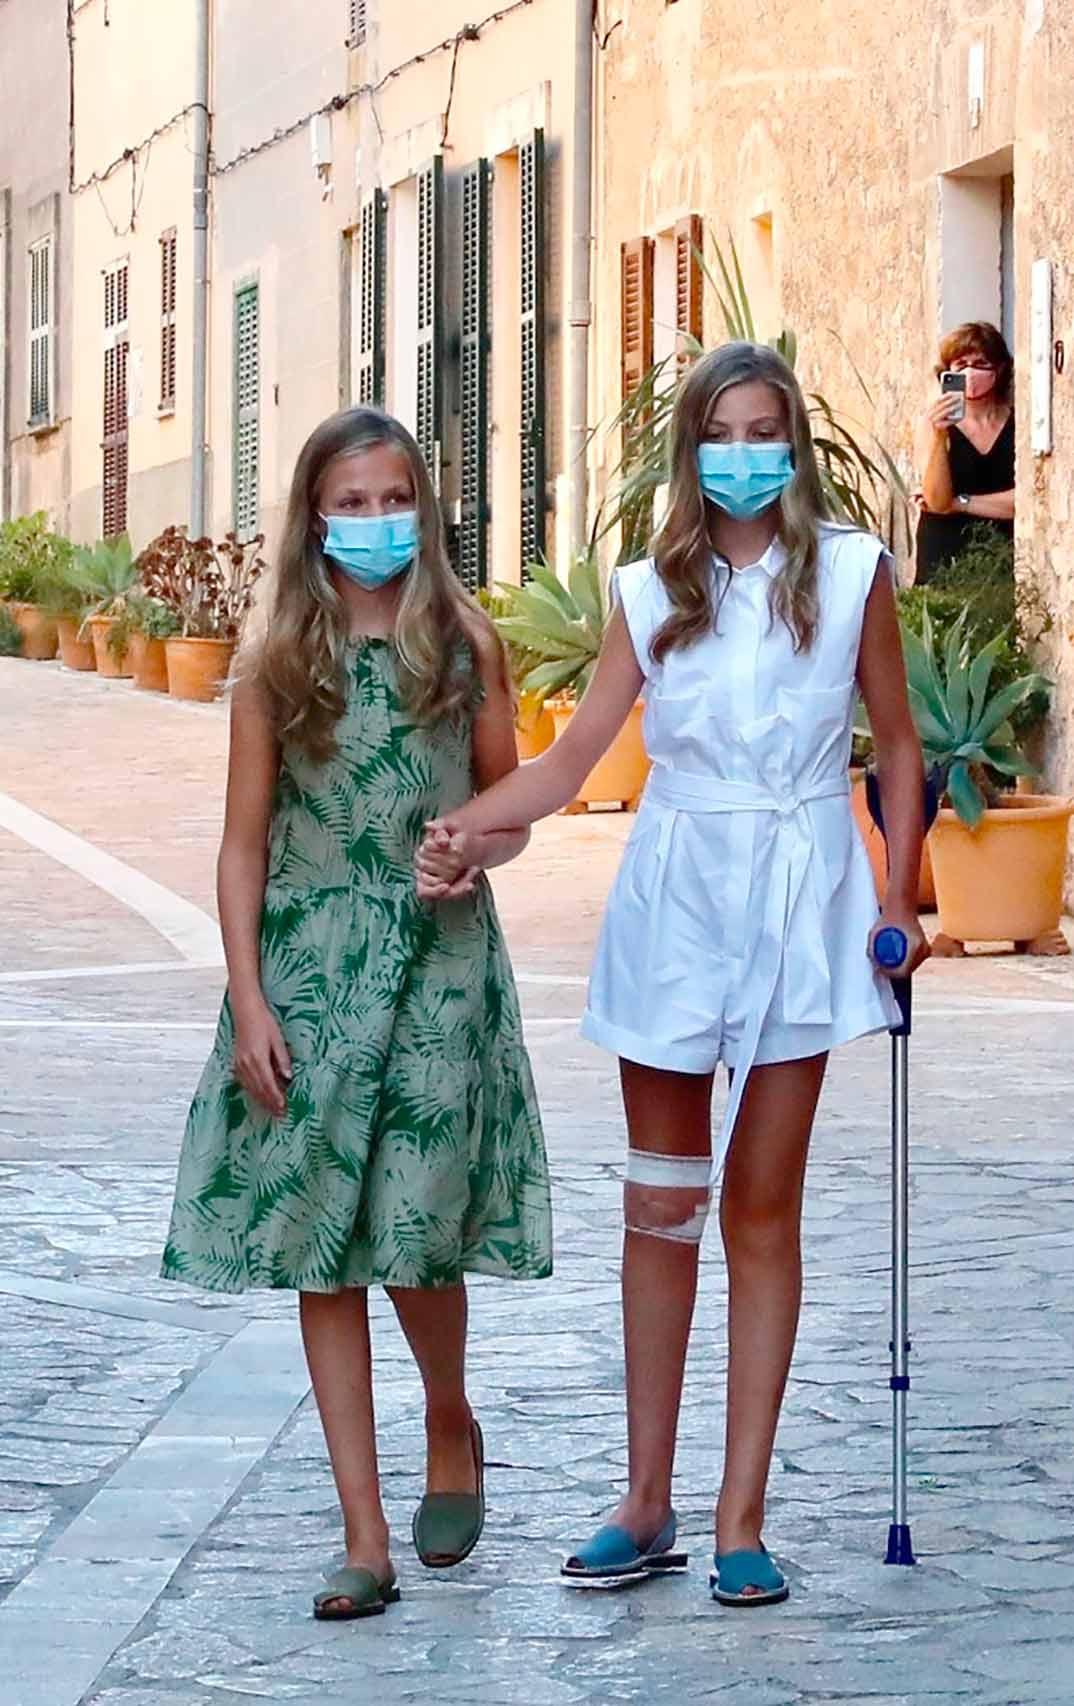 Princesa Leonor y la infanta Sofía - Petra - Palma de Mallorca © Casa S.M. El Rey